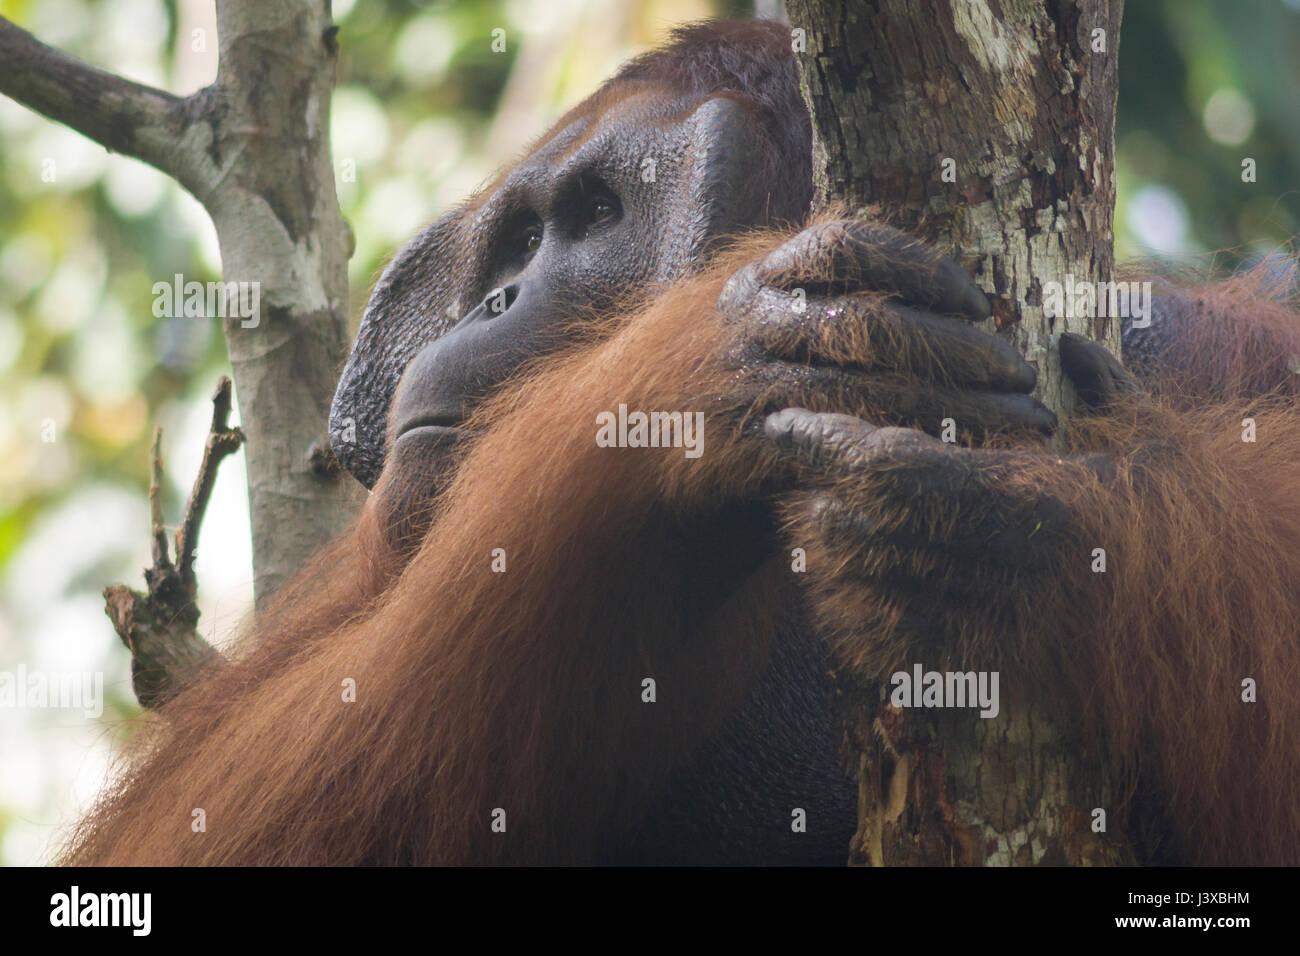 Gravement menacée d'orang-outan (Pongo pygmaeus). Les mâles adultes ont la caractéristique joue Photo Stock